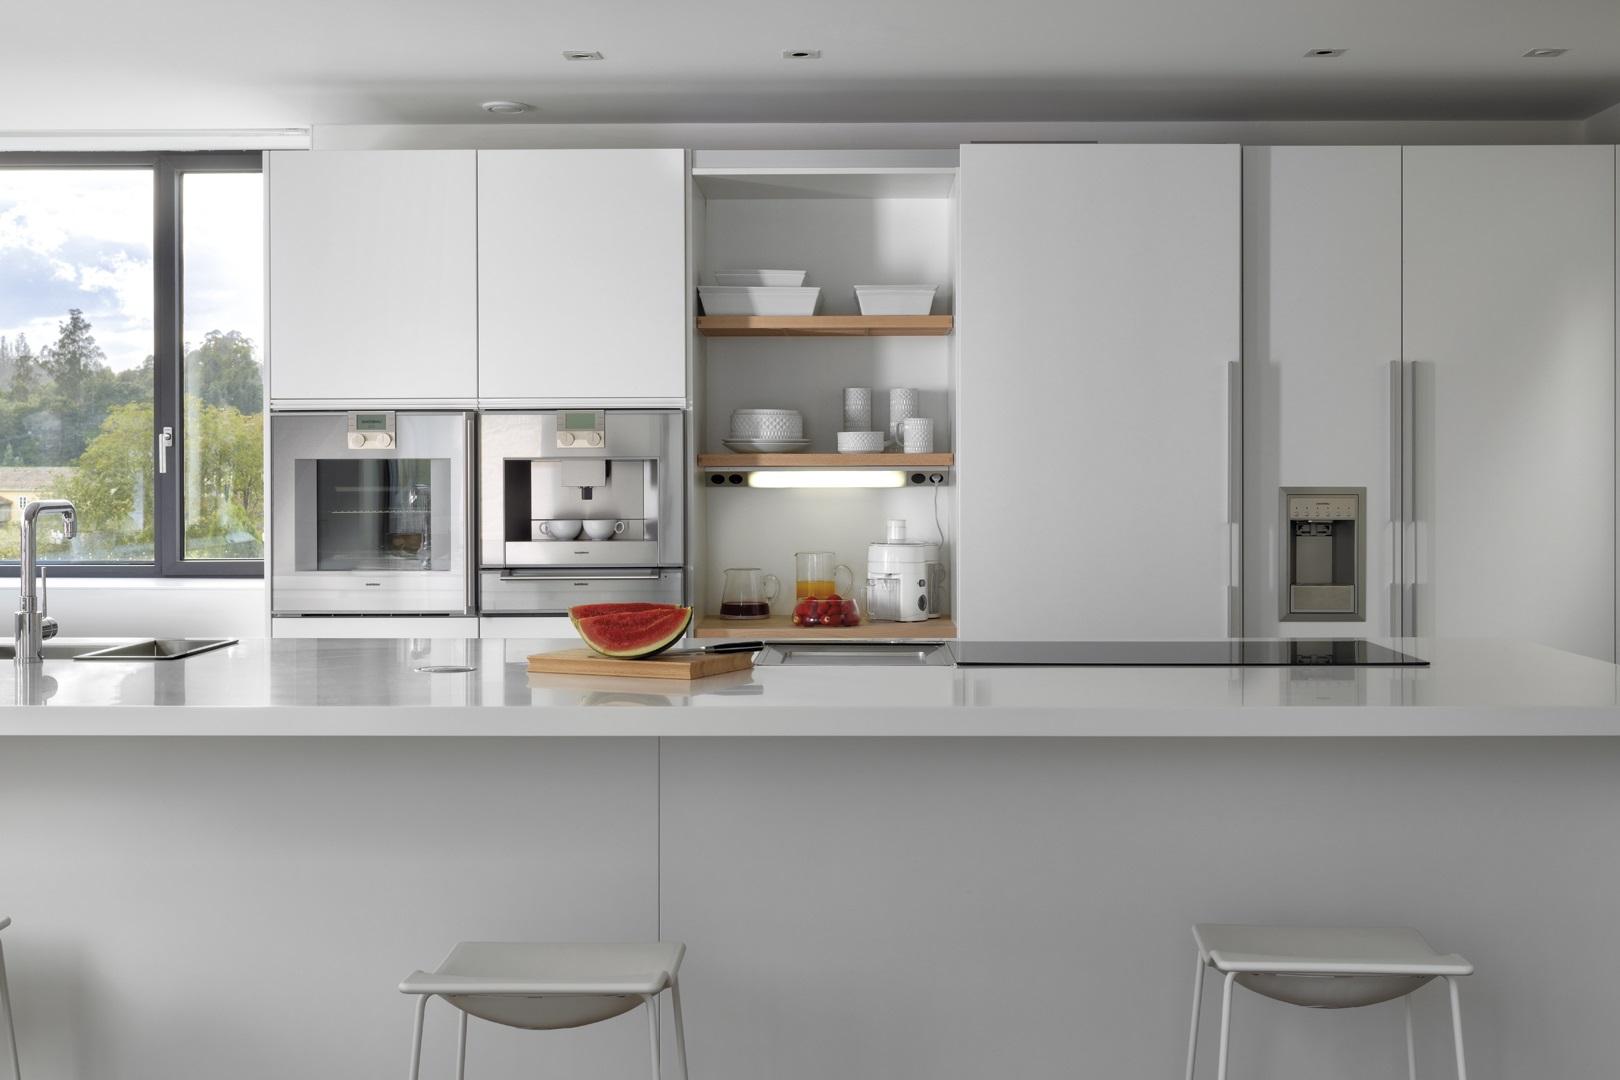 Cocina blanca con isla y office integrado Santos